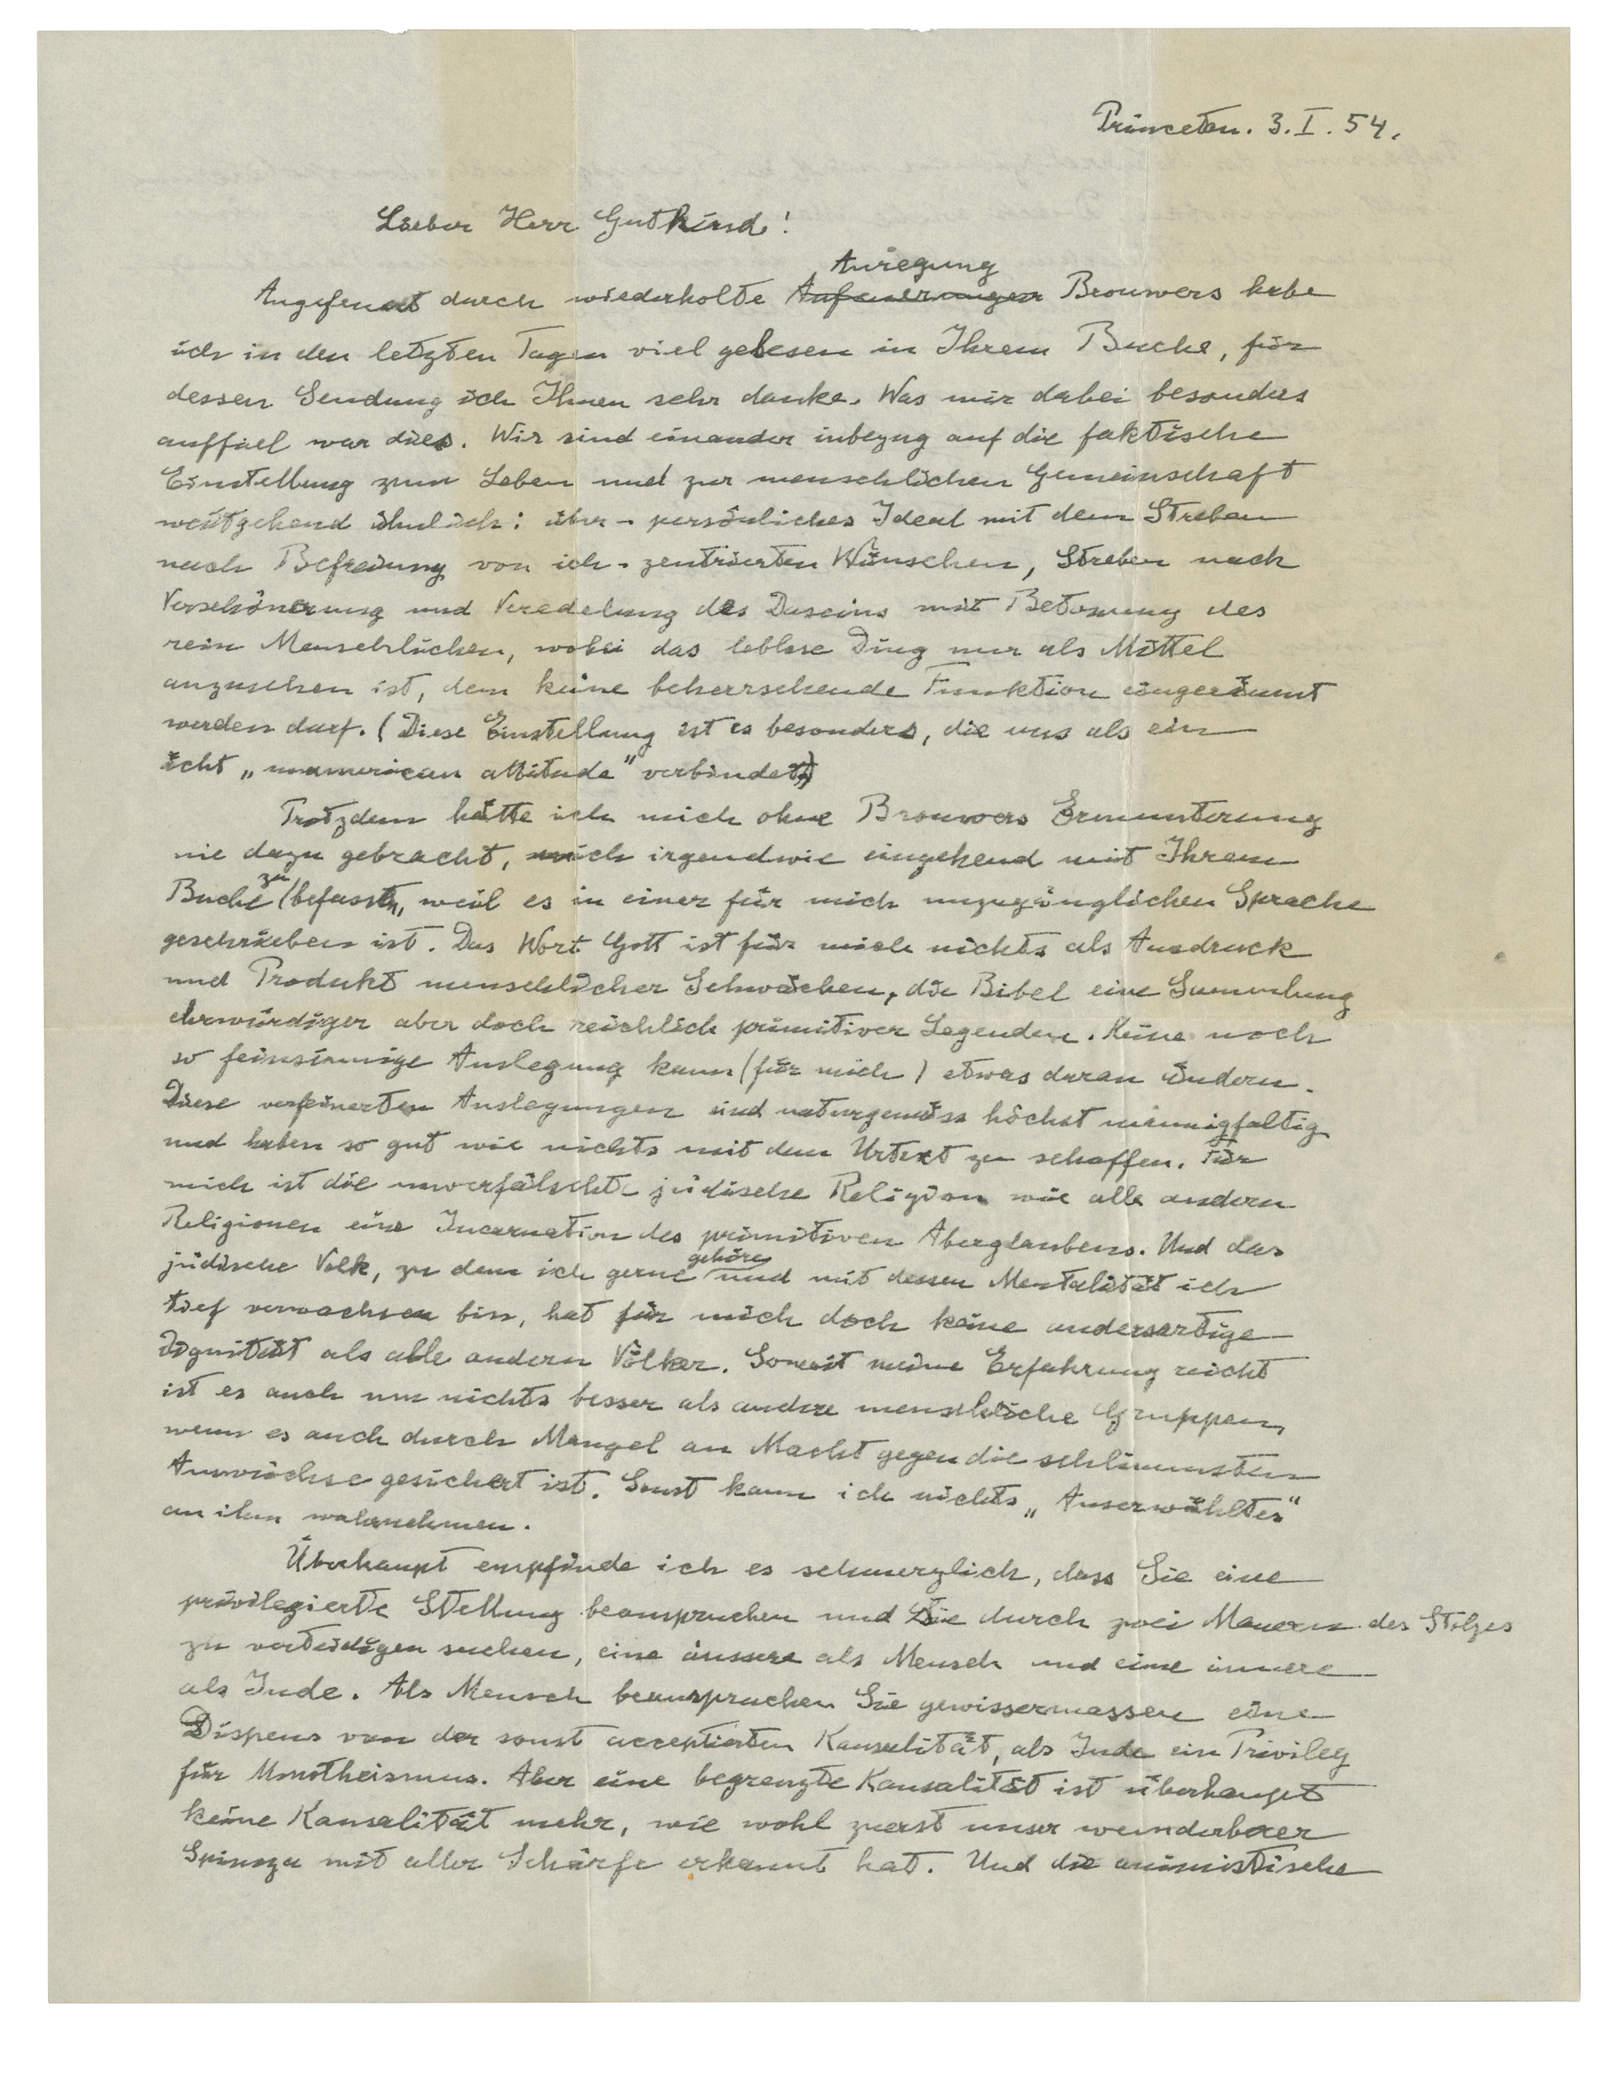 Una carta de Einstein se vende en 2.9 mdd